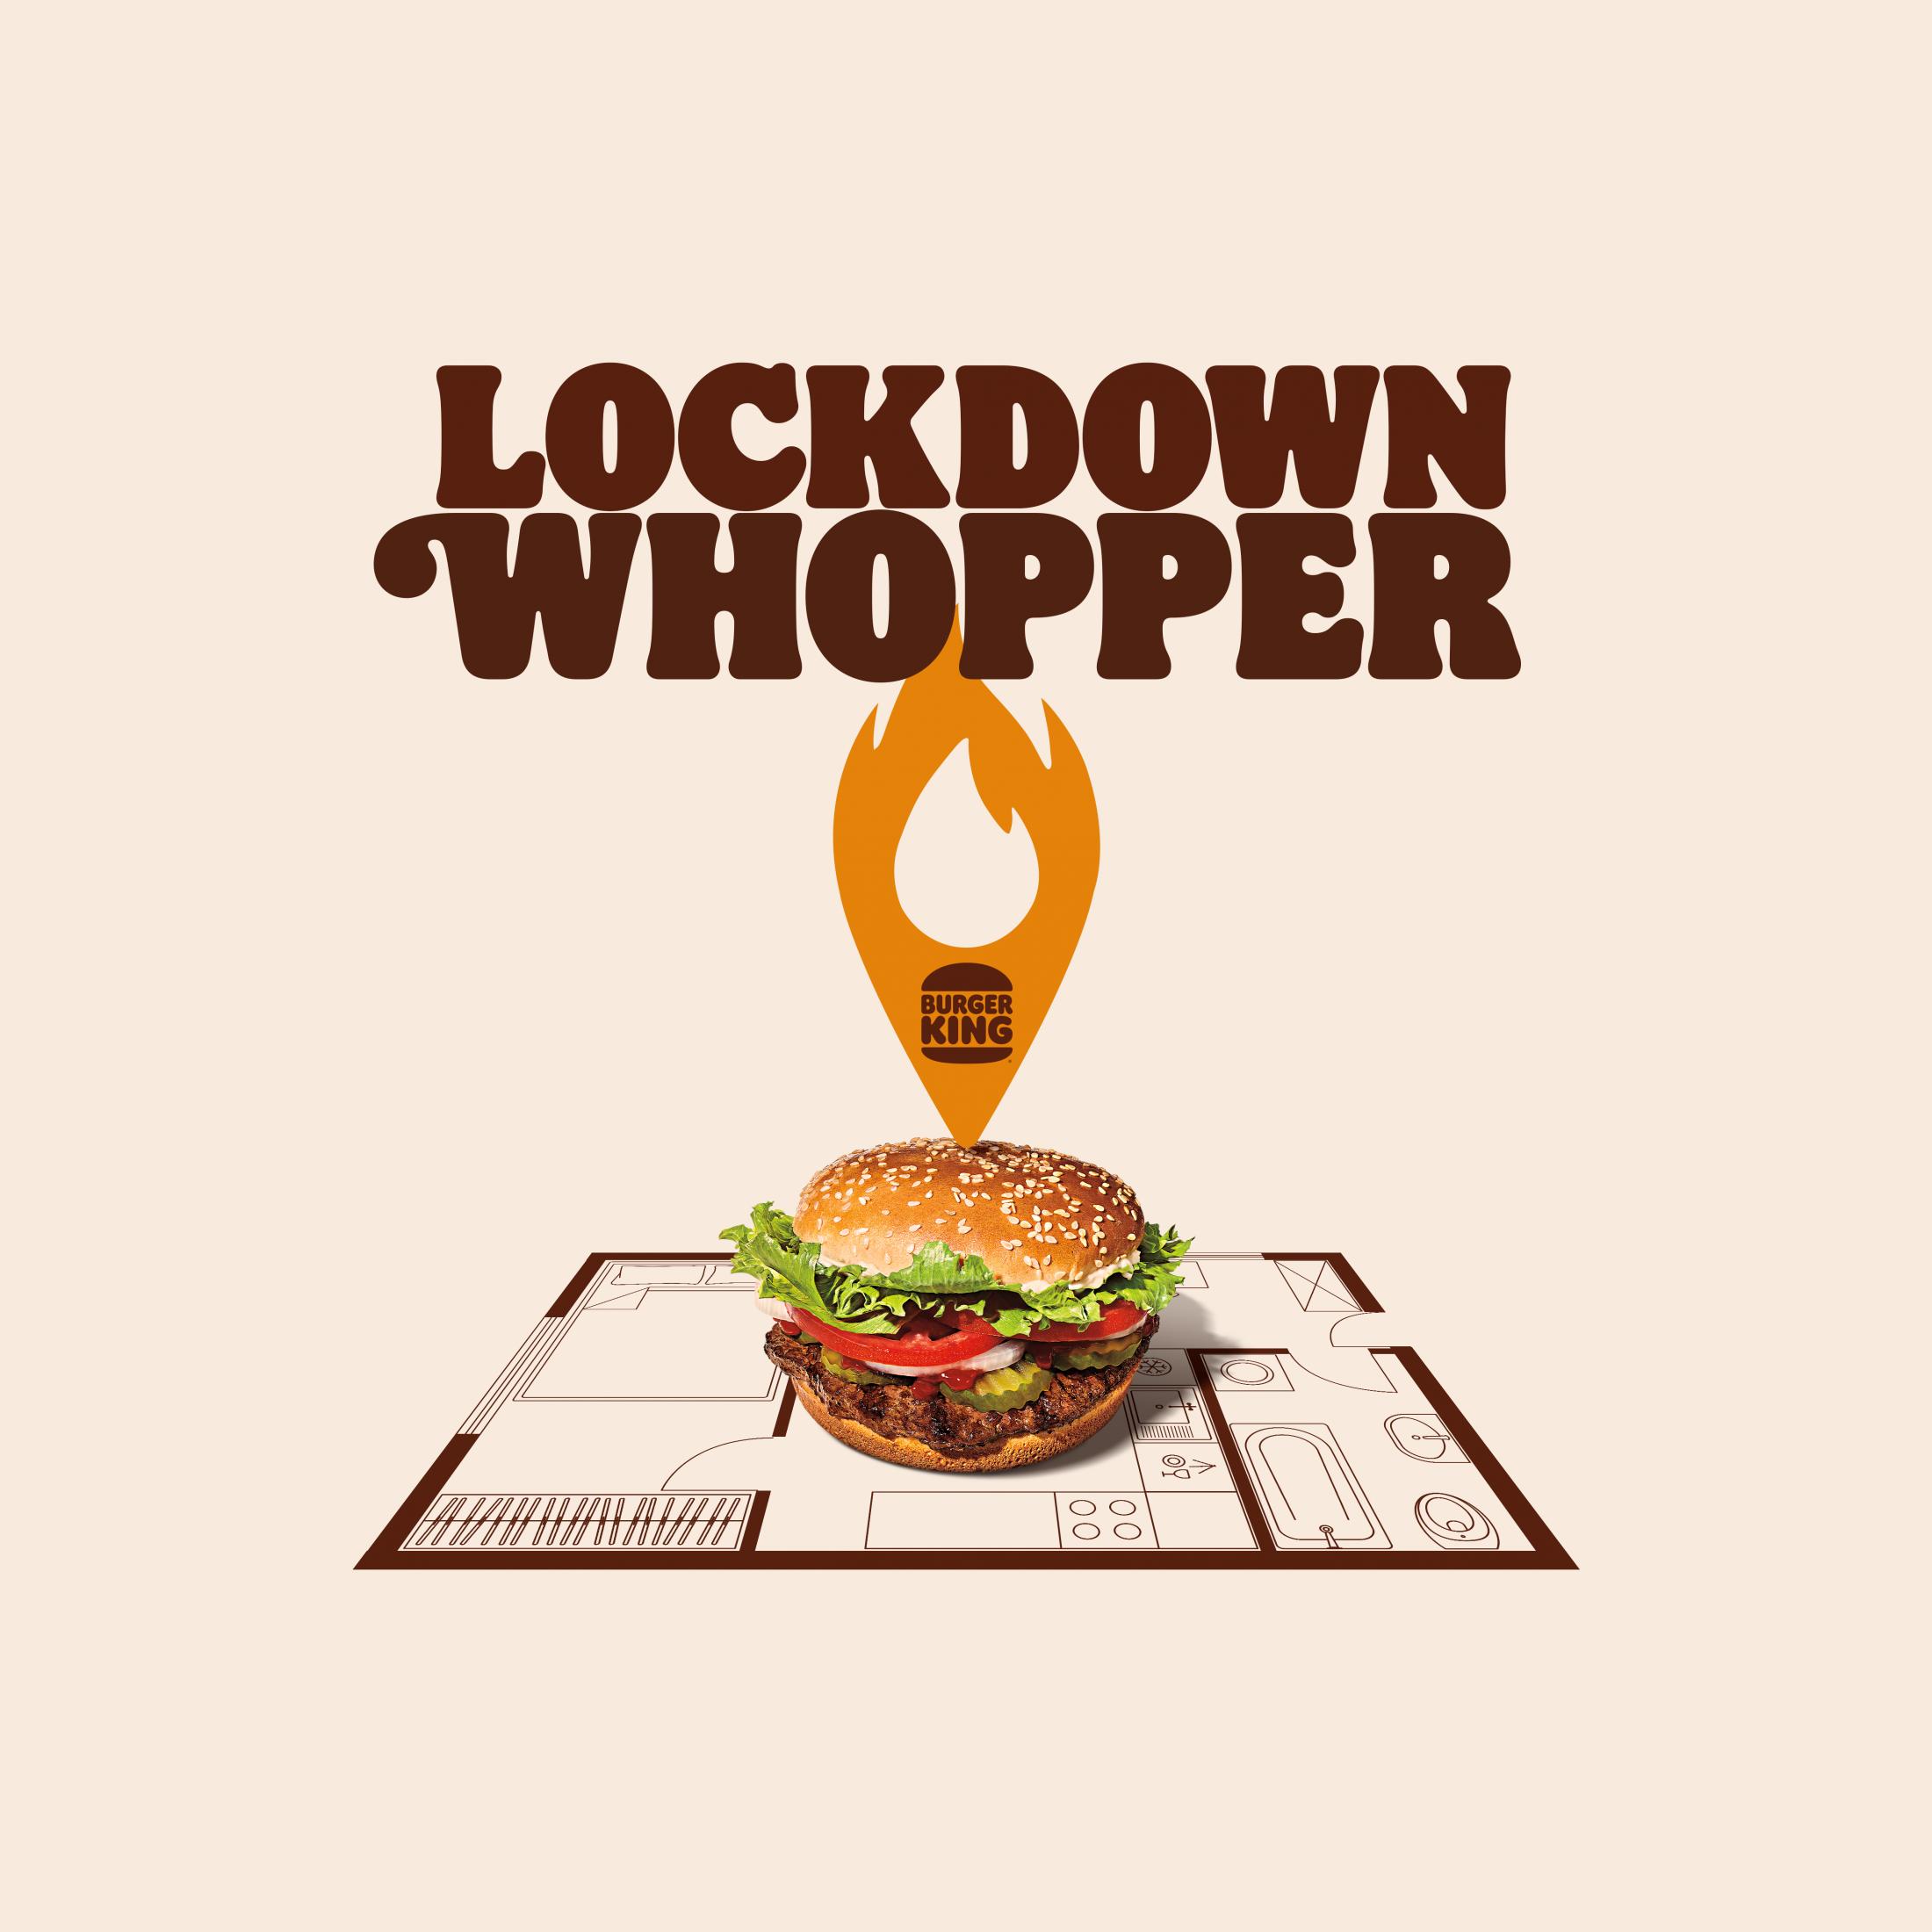 Thumbnail for BK Lockdown Whopper